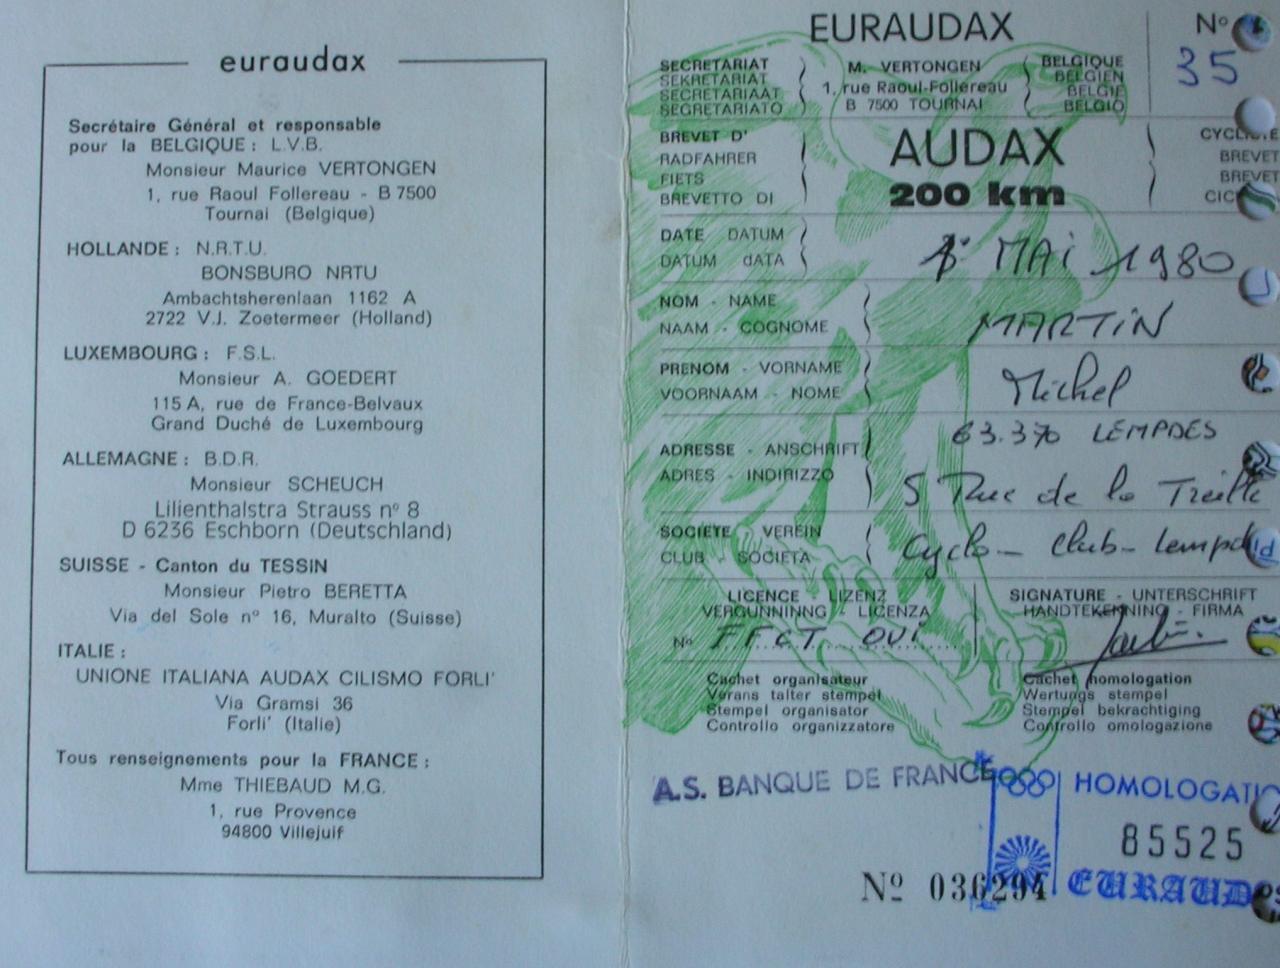 1980-brevet-audax-de-200-kms-01-mai.jpg